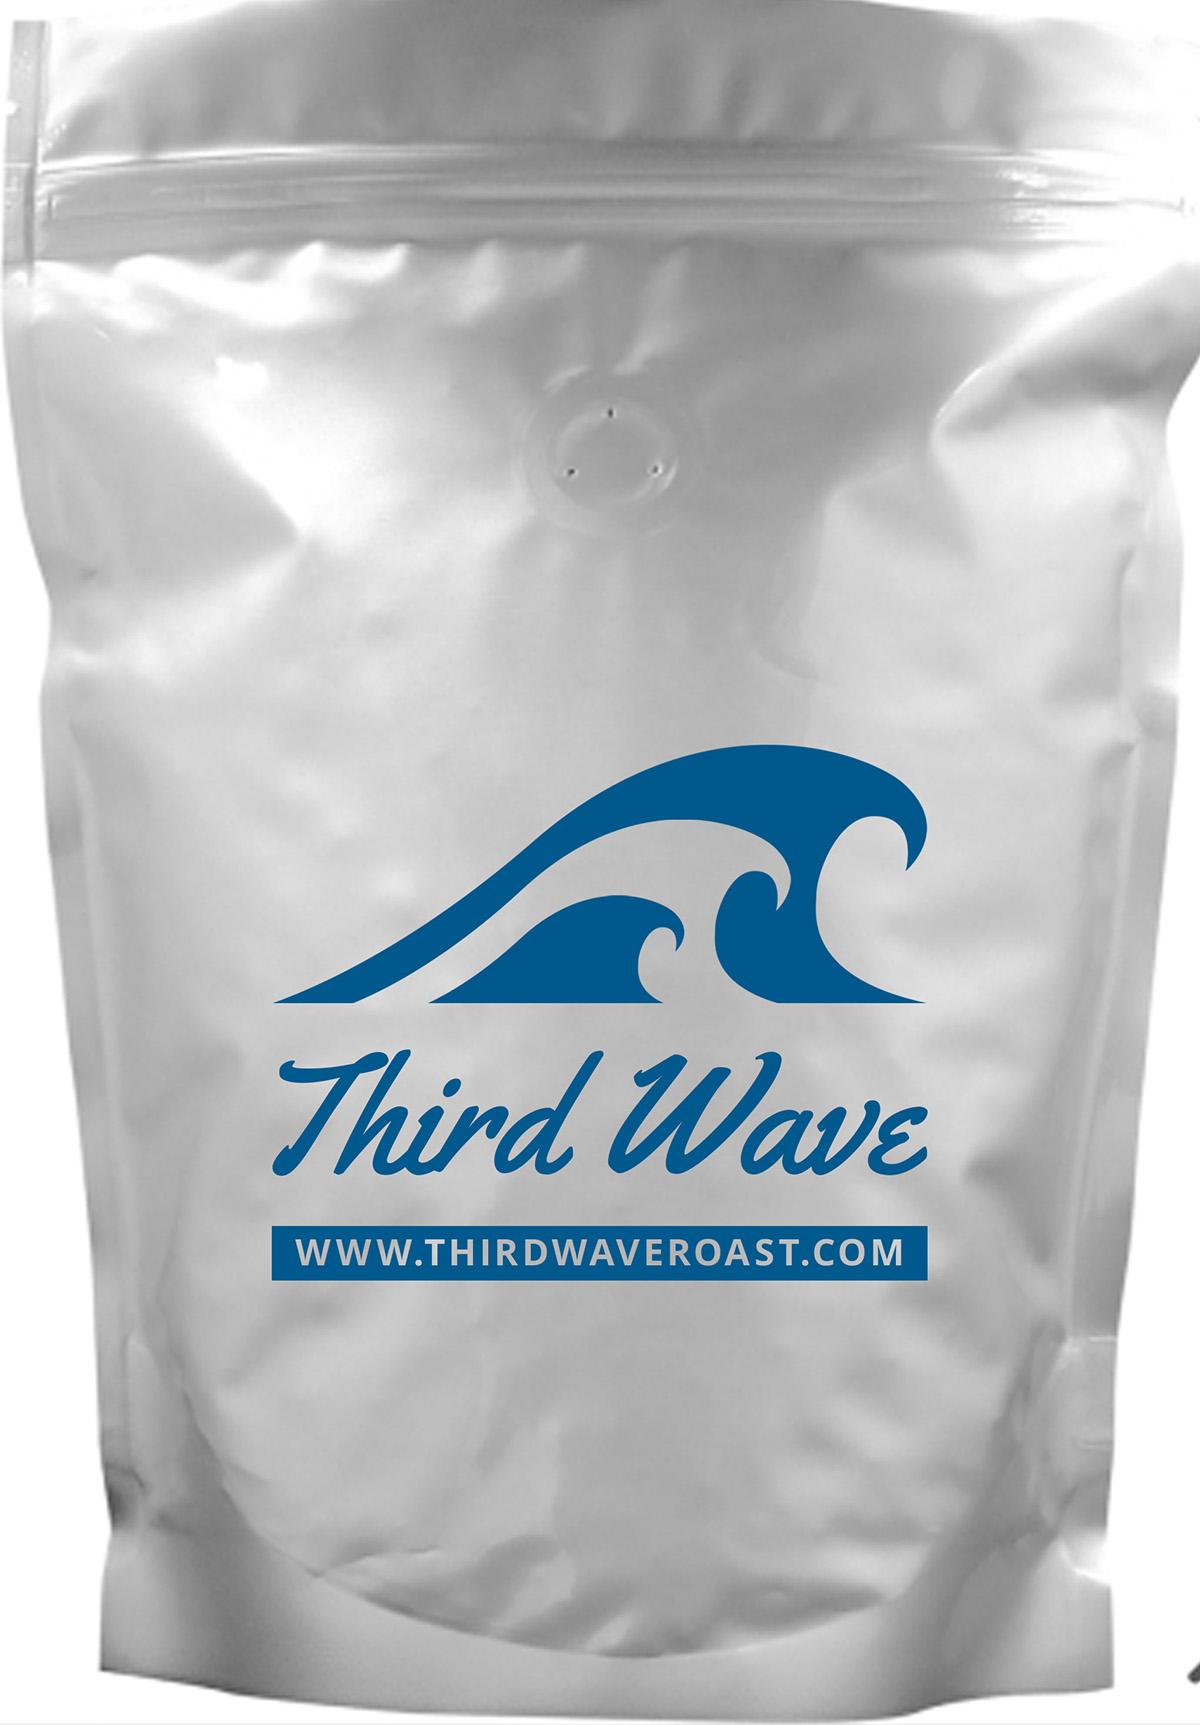 www.thirdwaveroast.com